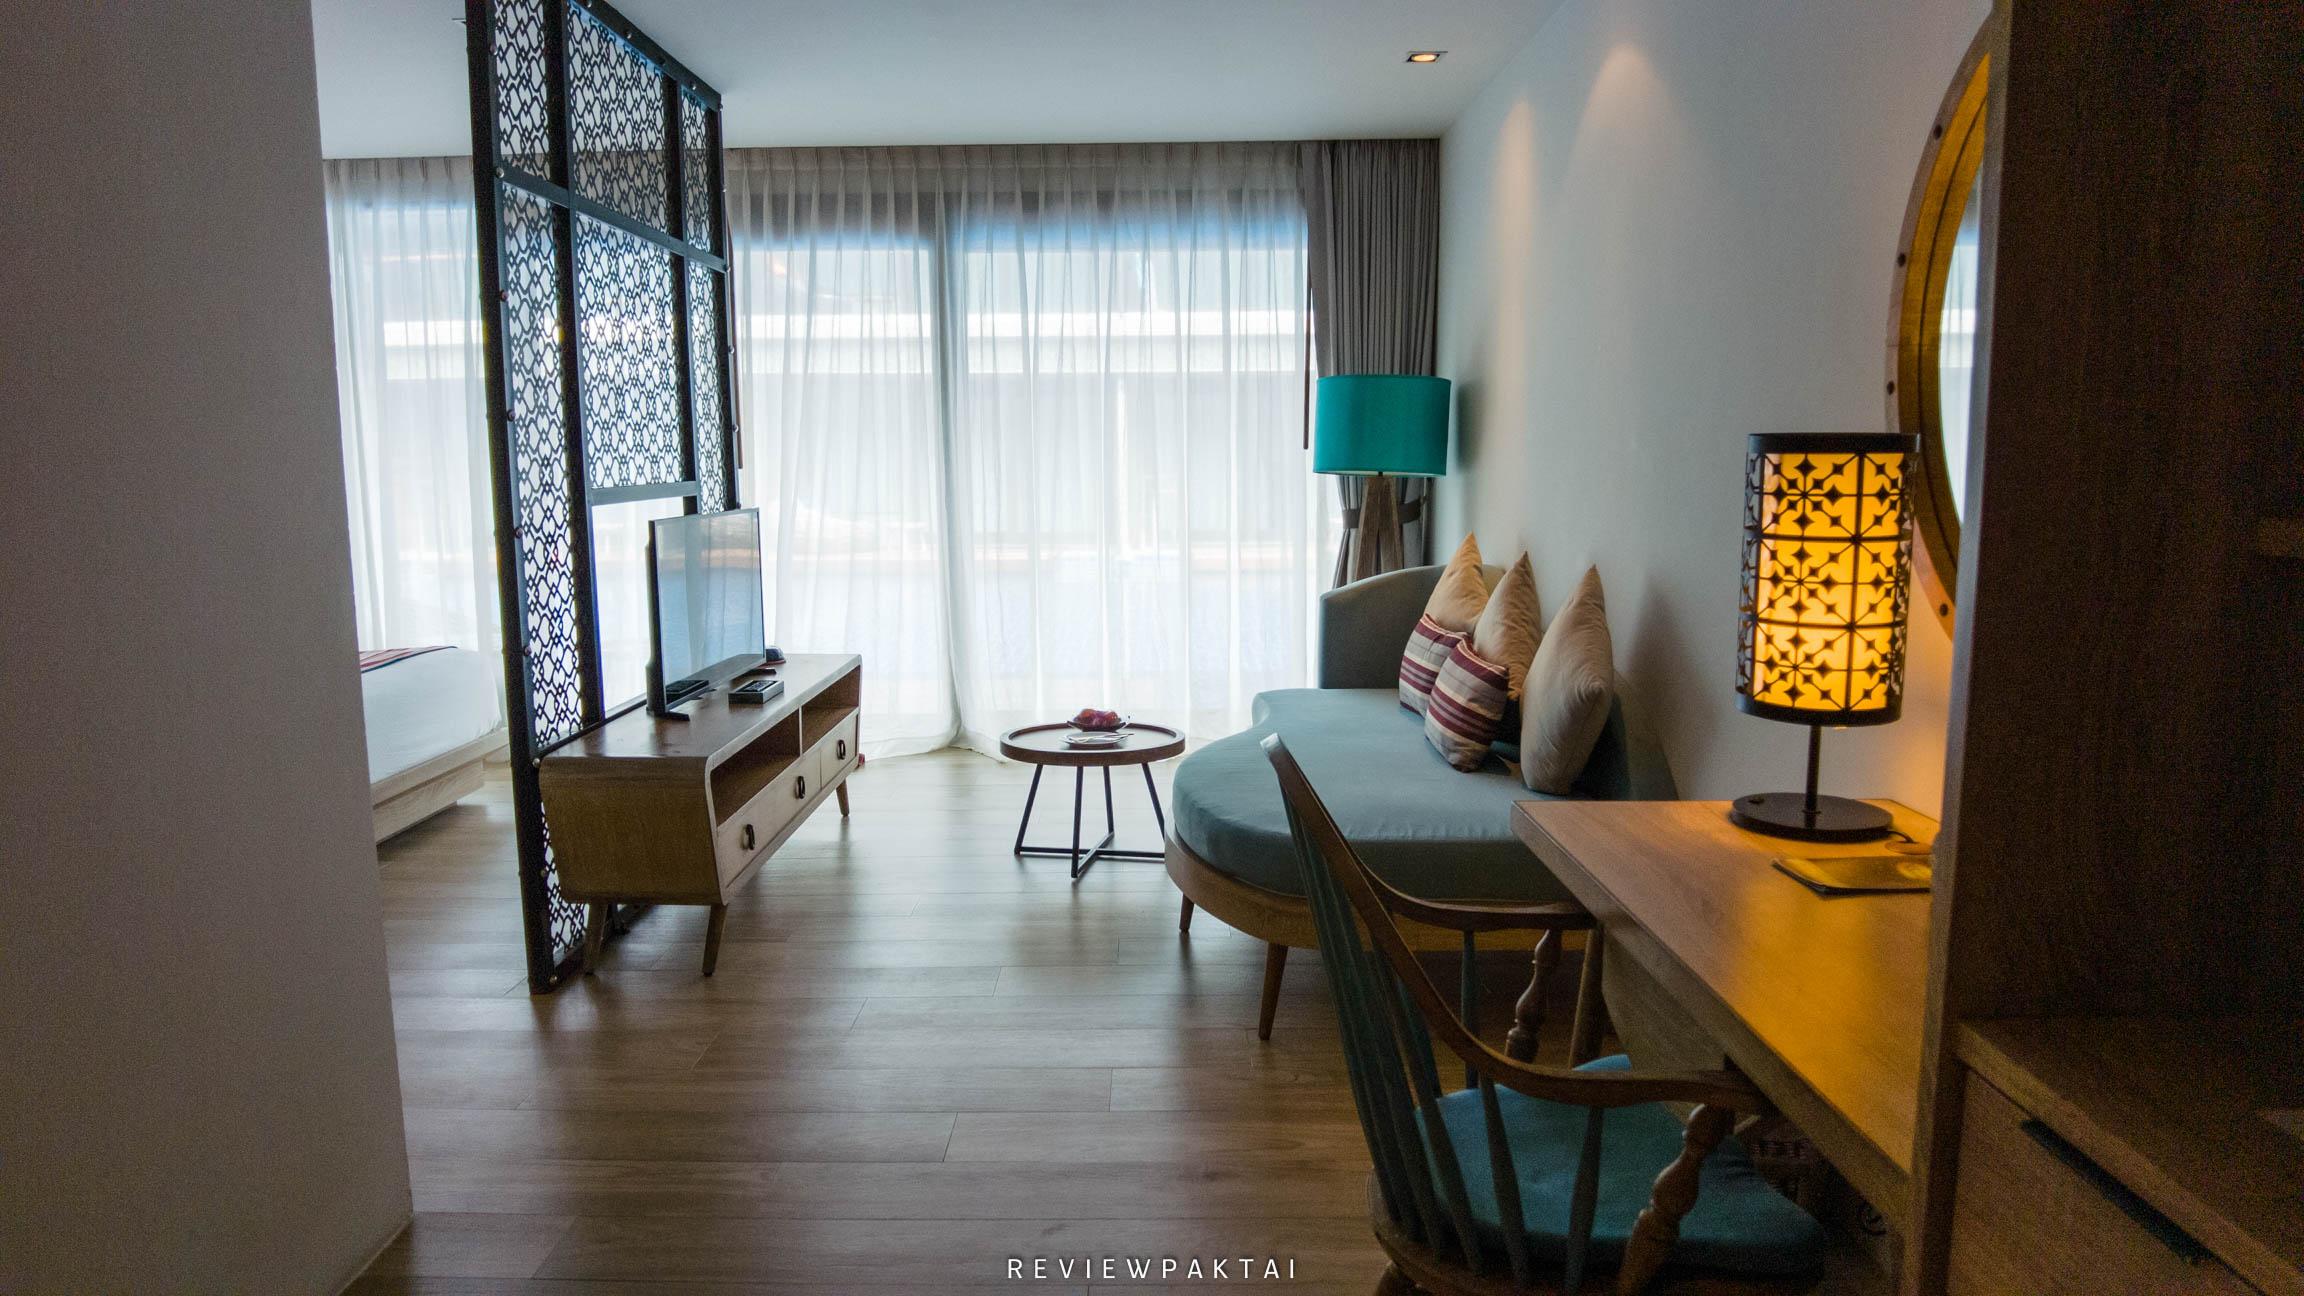 ภายในห้องพักสวยงามมีการตกแต่งได้ดี akira,lipe,สตูล,เกาะหลีเป๊ะ,ที่พักหลีเป๊ะ,ที่พักสตูล